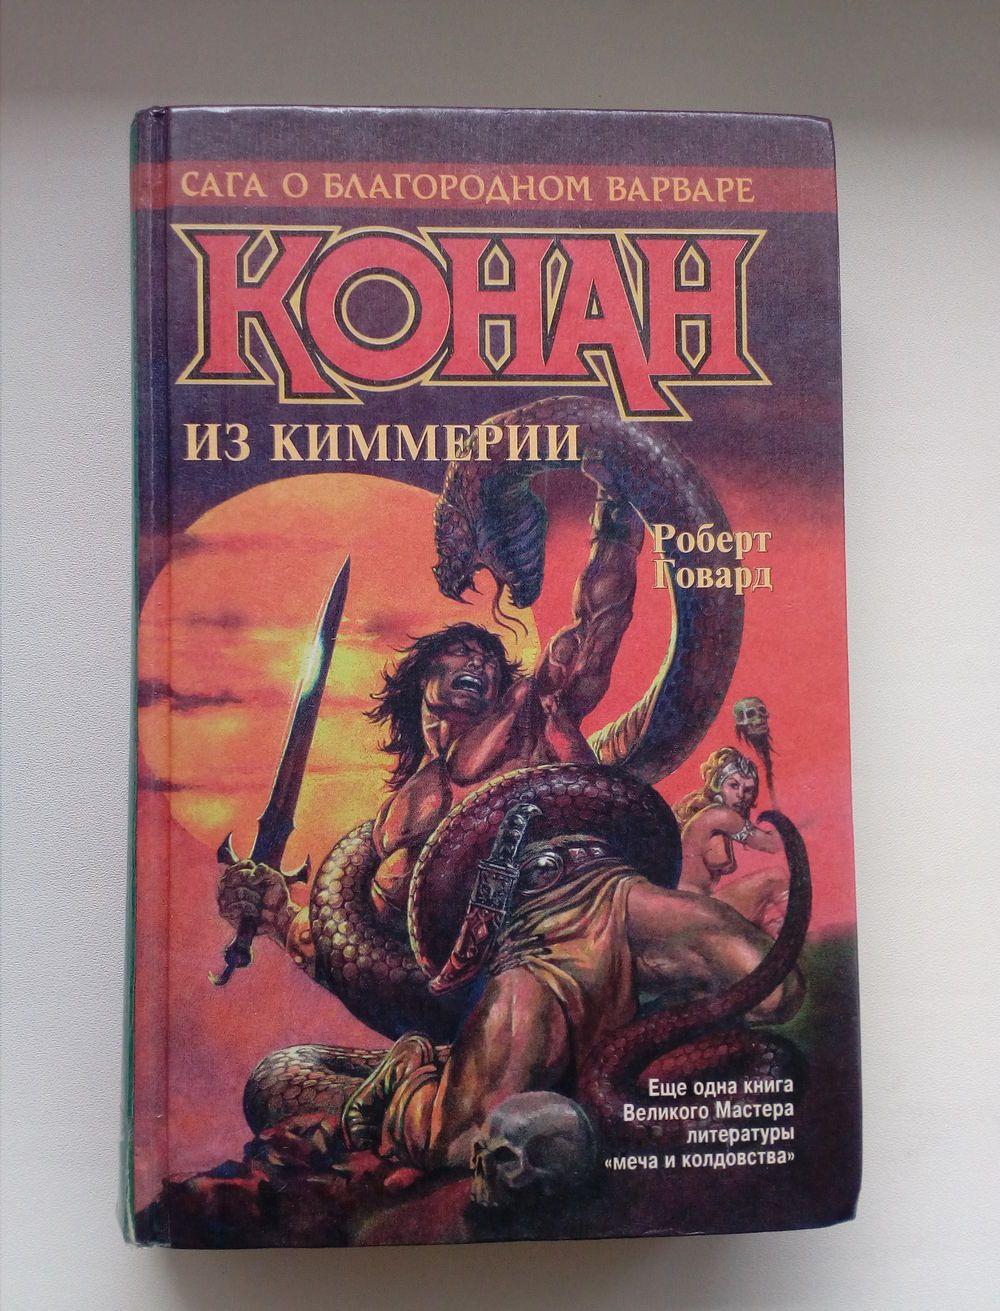 5 отличных фэнтези-романов оКонане-варваре икиммерийцах